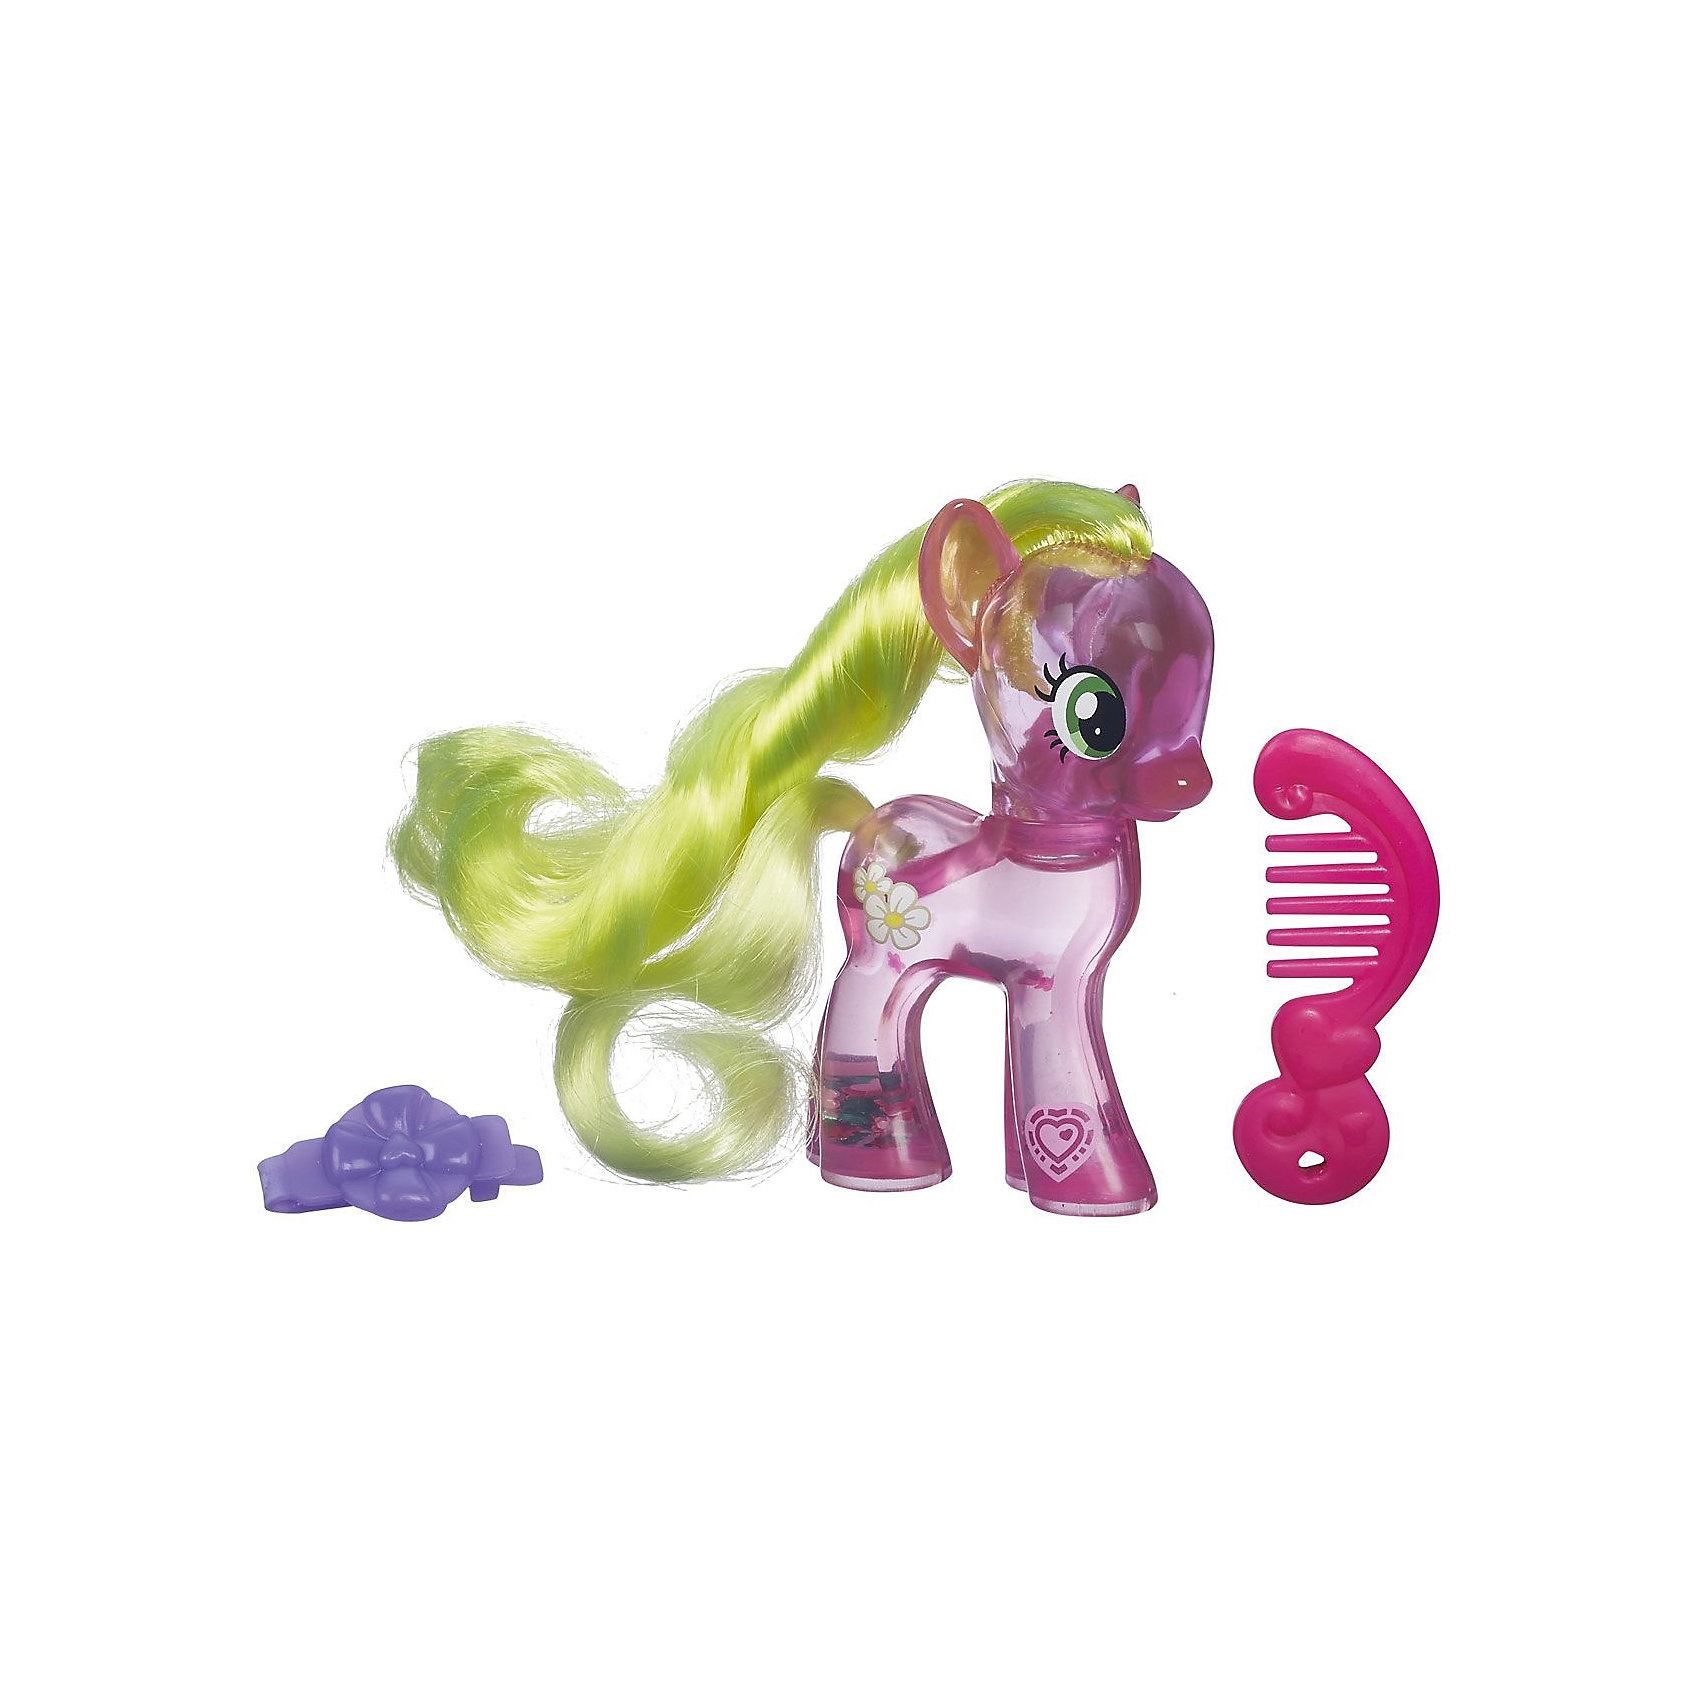 Фигурка с блестками My little Pony, Cutie Mark Magic - Флауэр ВишесИгрушки<br>Пони с блестками, My little Pony (Моя маленькая Пони), B0357/B5415.<br><br>Характеристика:<br><br>• Материал: пластик.   <br>• Размер упаковки: 17х13,8х4,4 см. <br>• Высота фигурки: 8 см. <br>• Длинная, мягкая, блестящая грива. <br>• В комплекте: фигурка пони, расческа, заколка. <br>• Фигурка наполнена специальной жидкостью с блесками.<br><br>Очаровательная маленькая лошадка Дейзи приведет в восторг всех поклонников My little Pony (Май литл Пони). Игрушка наполнена специальной жидкостью с блестками, которая переливается и мерцает, если пони перевернуть или потрясти. На голове у лошадки роскошная грива, которую можно расчёсывать специальной маленькой расческой и украшать оригинальной маленькой заколкой.<br>Игрушка изготовлена из экологичных нетоксичных материалов безопасных для детей.<br><br>Пони с блестками, My little Pony (Моя маленькая Пони), B0357/B5415, можно купить в нашем интернет-магазине.<br><br>Ширина мм: 44<br>Глубина мм: 138<br>Высота мм: 170<br>Вес г: 350<br>Возраст от месяцев: 36<br>Возраст до месяцев: 72<br>Пол: Женский<br>Возраст: Детский<br>SKU: 5352850